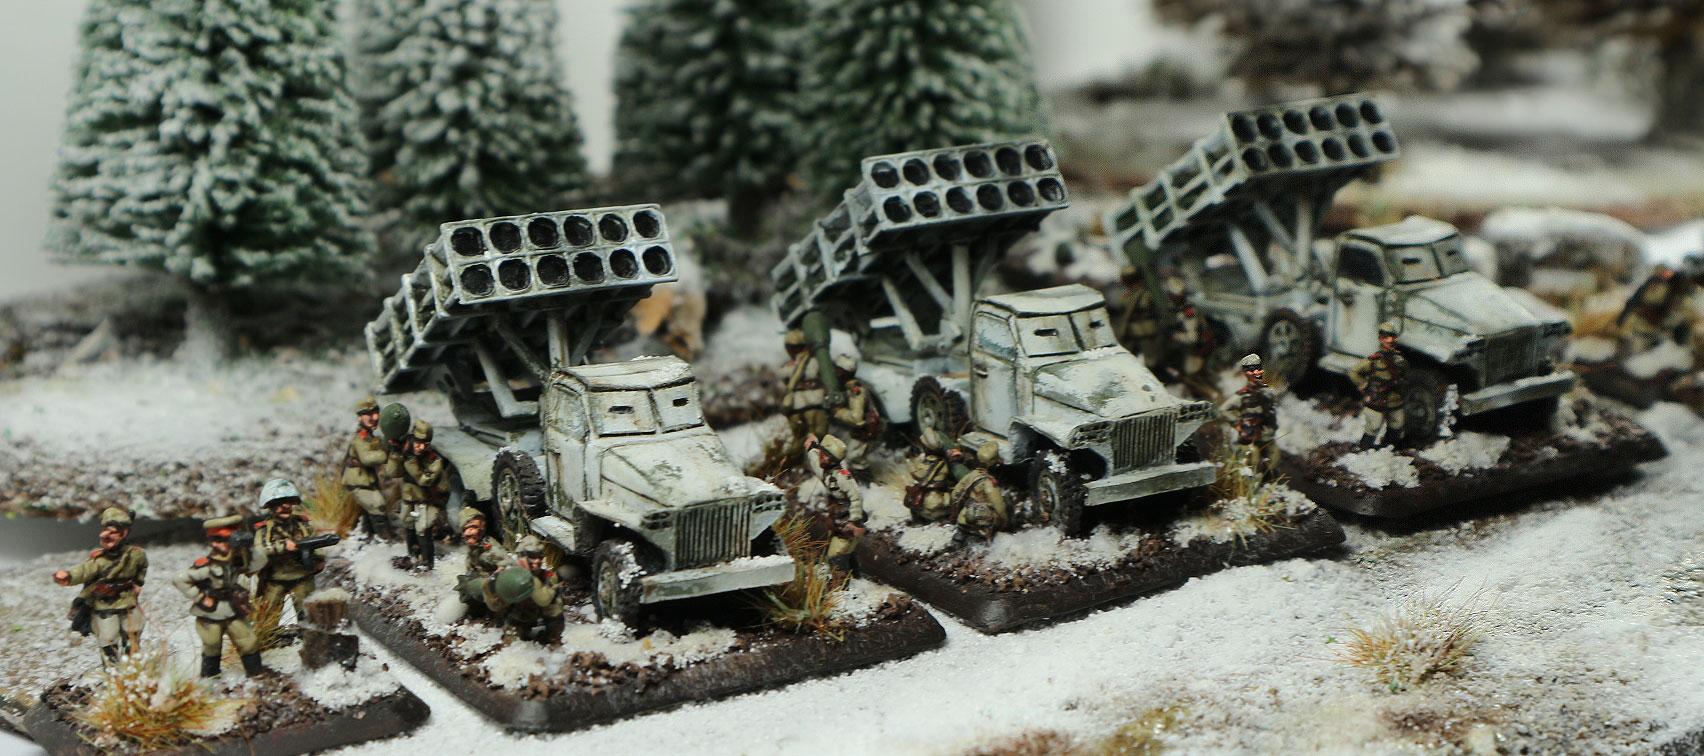 Heavy Rocket Mortar Battery in Winte